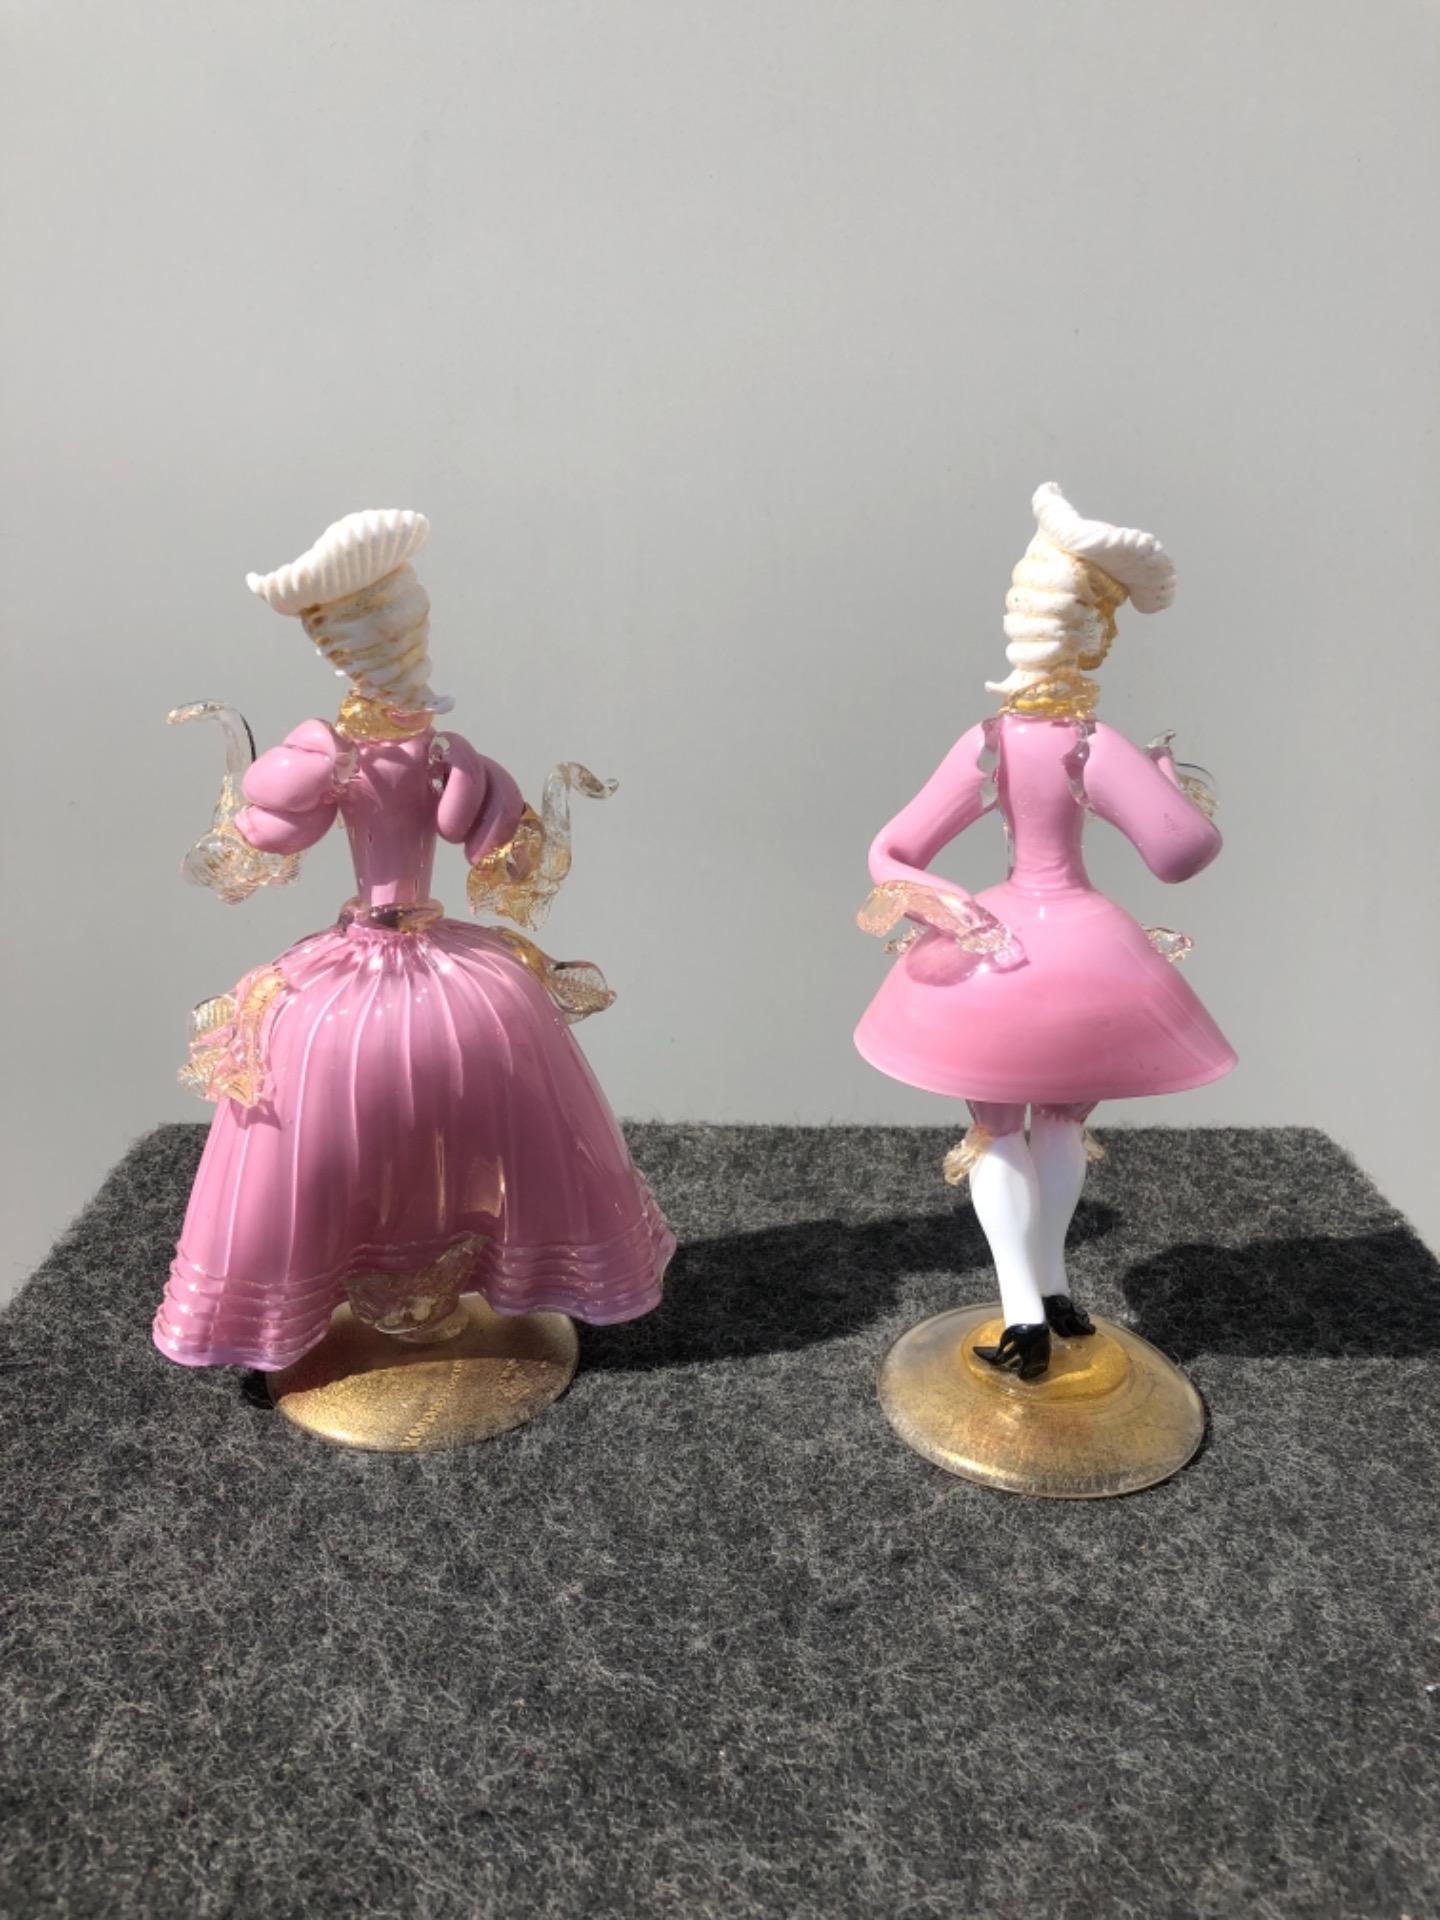 thumb2|Coppia di figure cavaliere e dama in vetro con inclusioni in oro.Murano